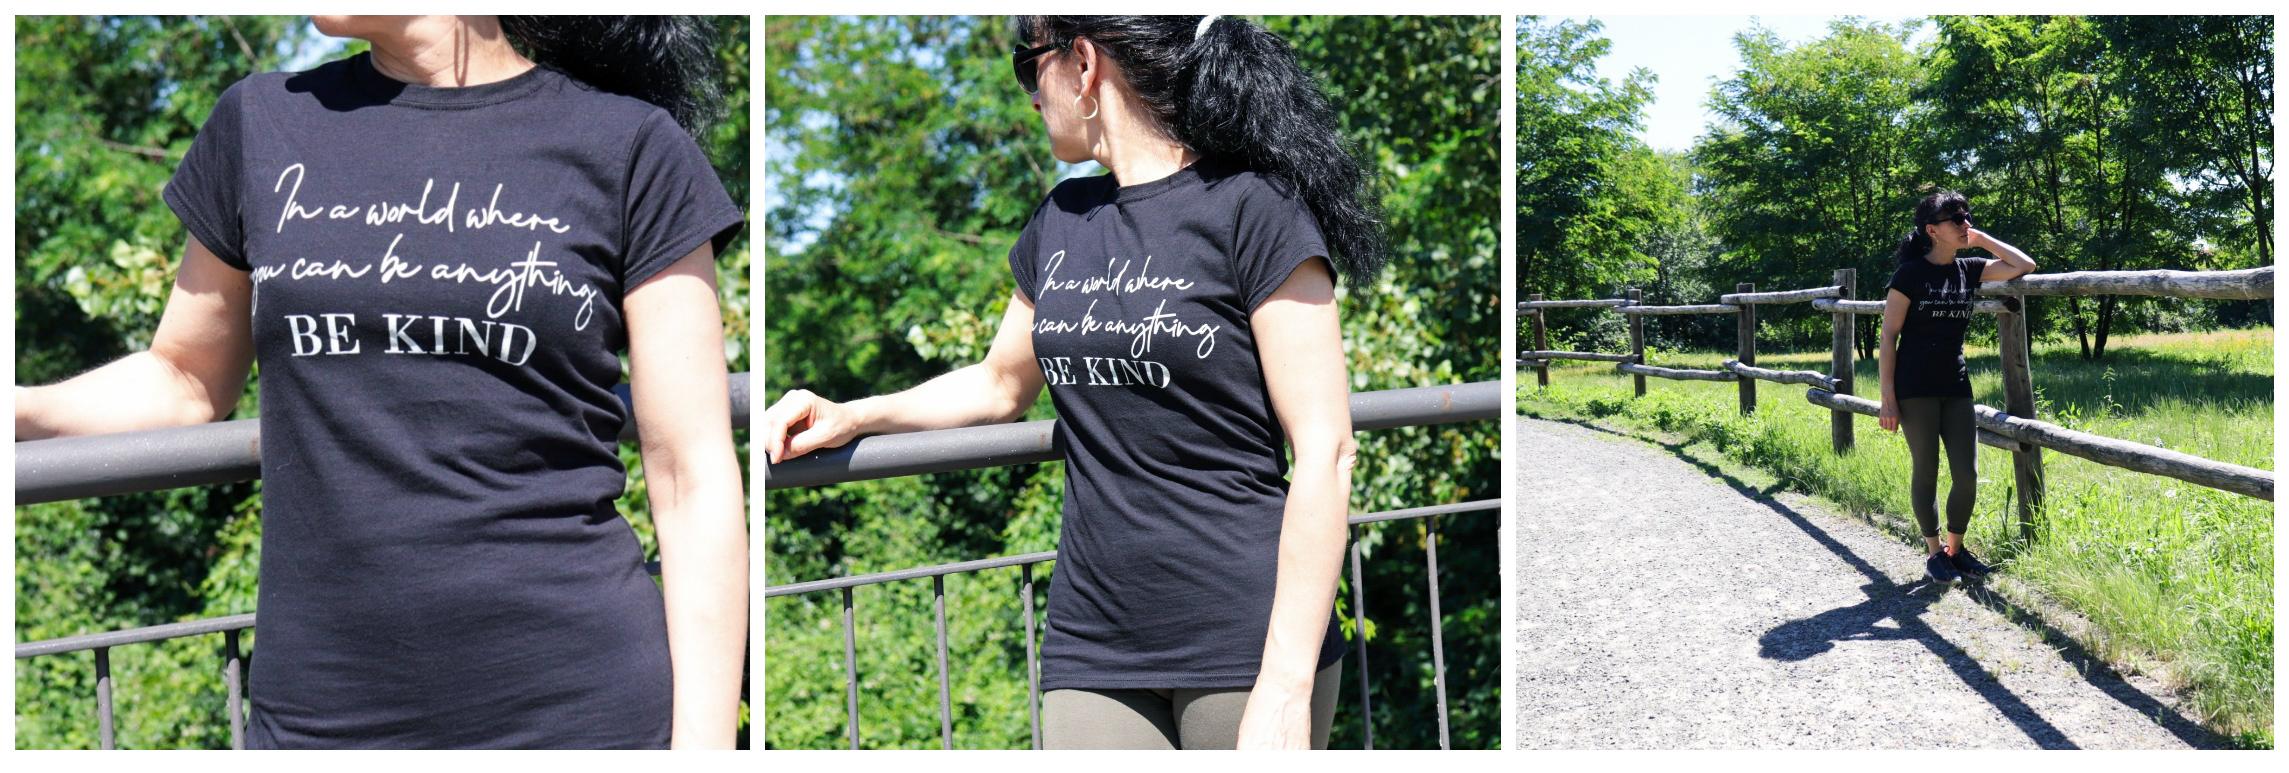 t-shirt loungewear femme luxe